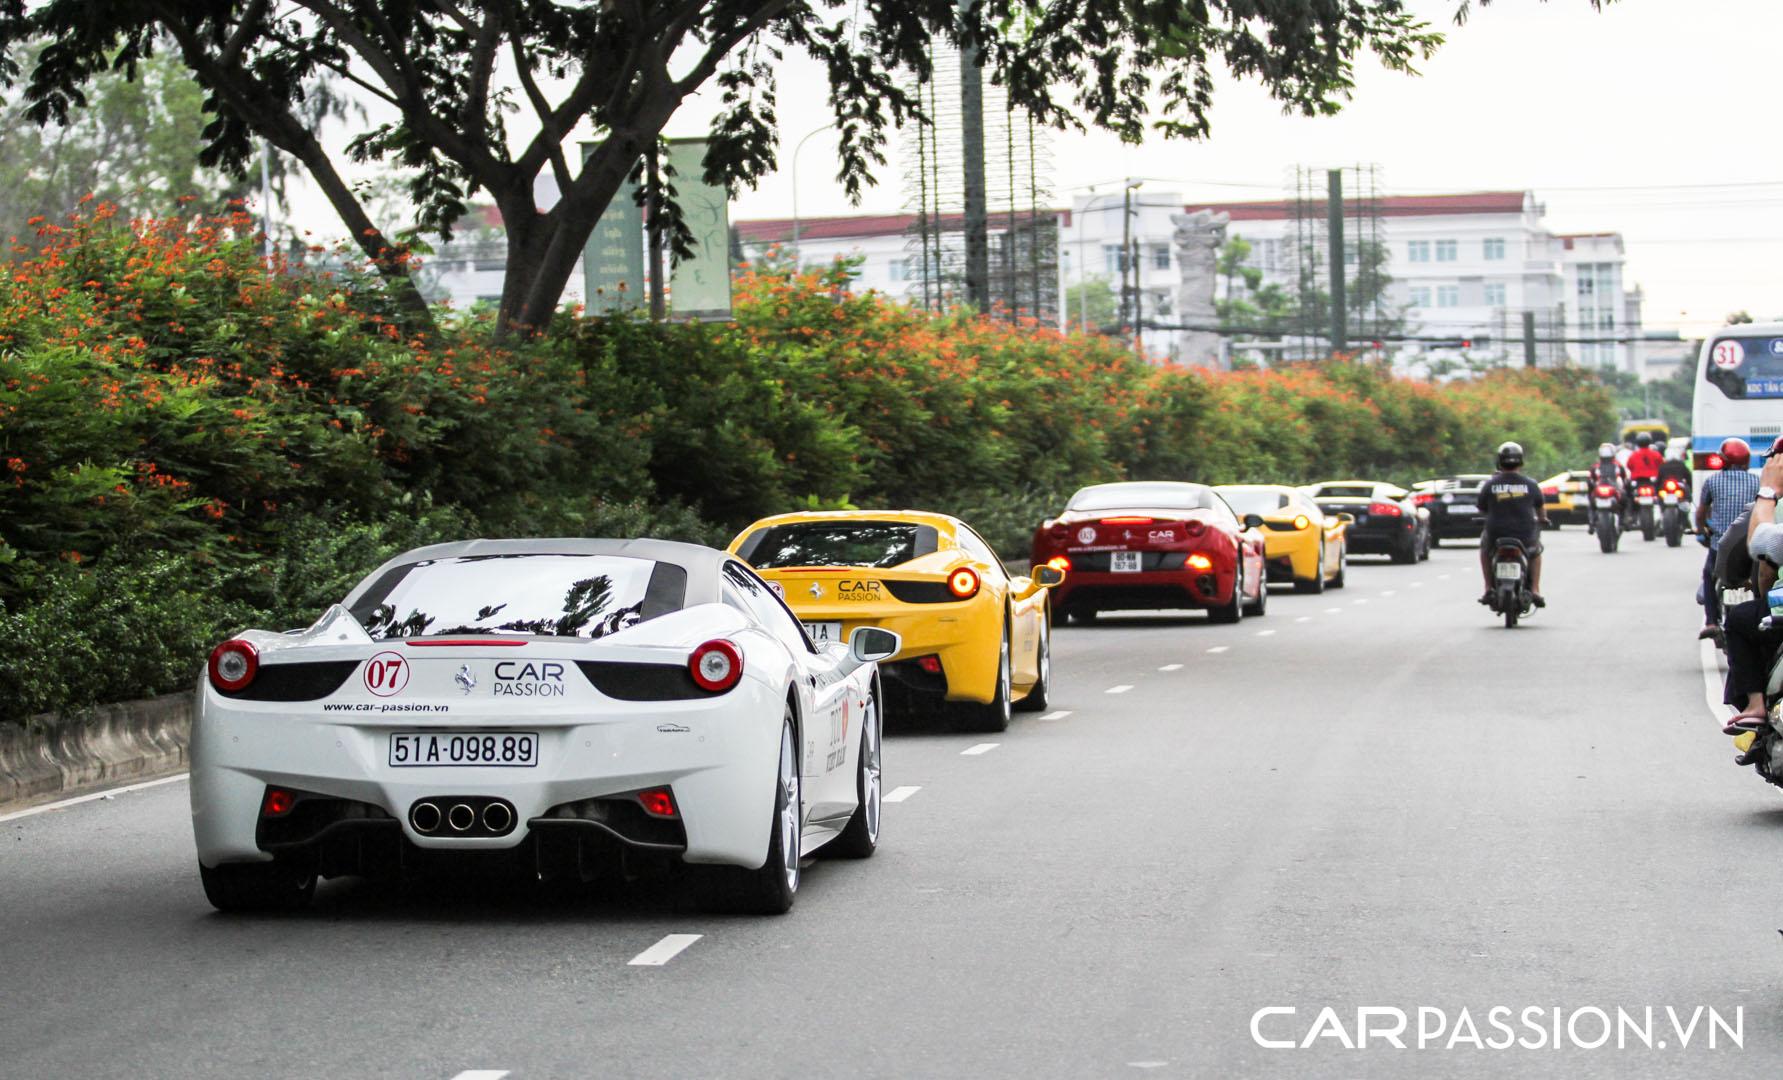 CP-Hành trình siêu xe CarPassion 2011 (24).jpg